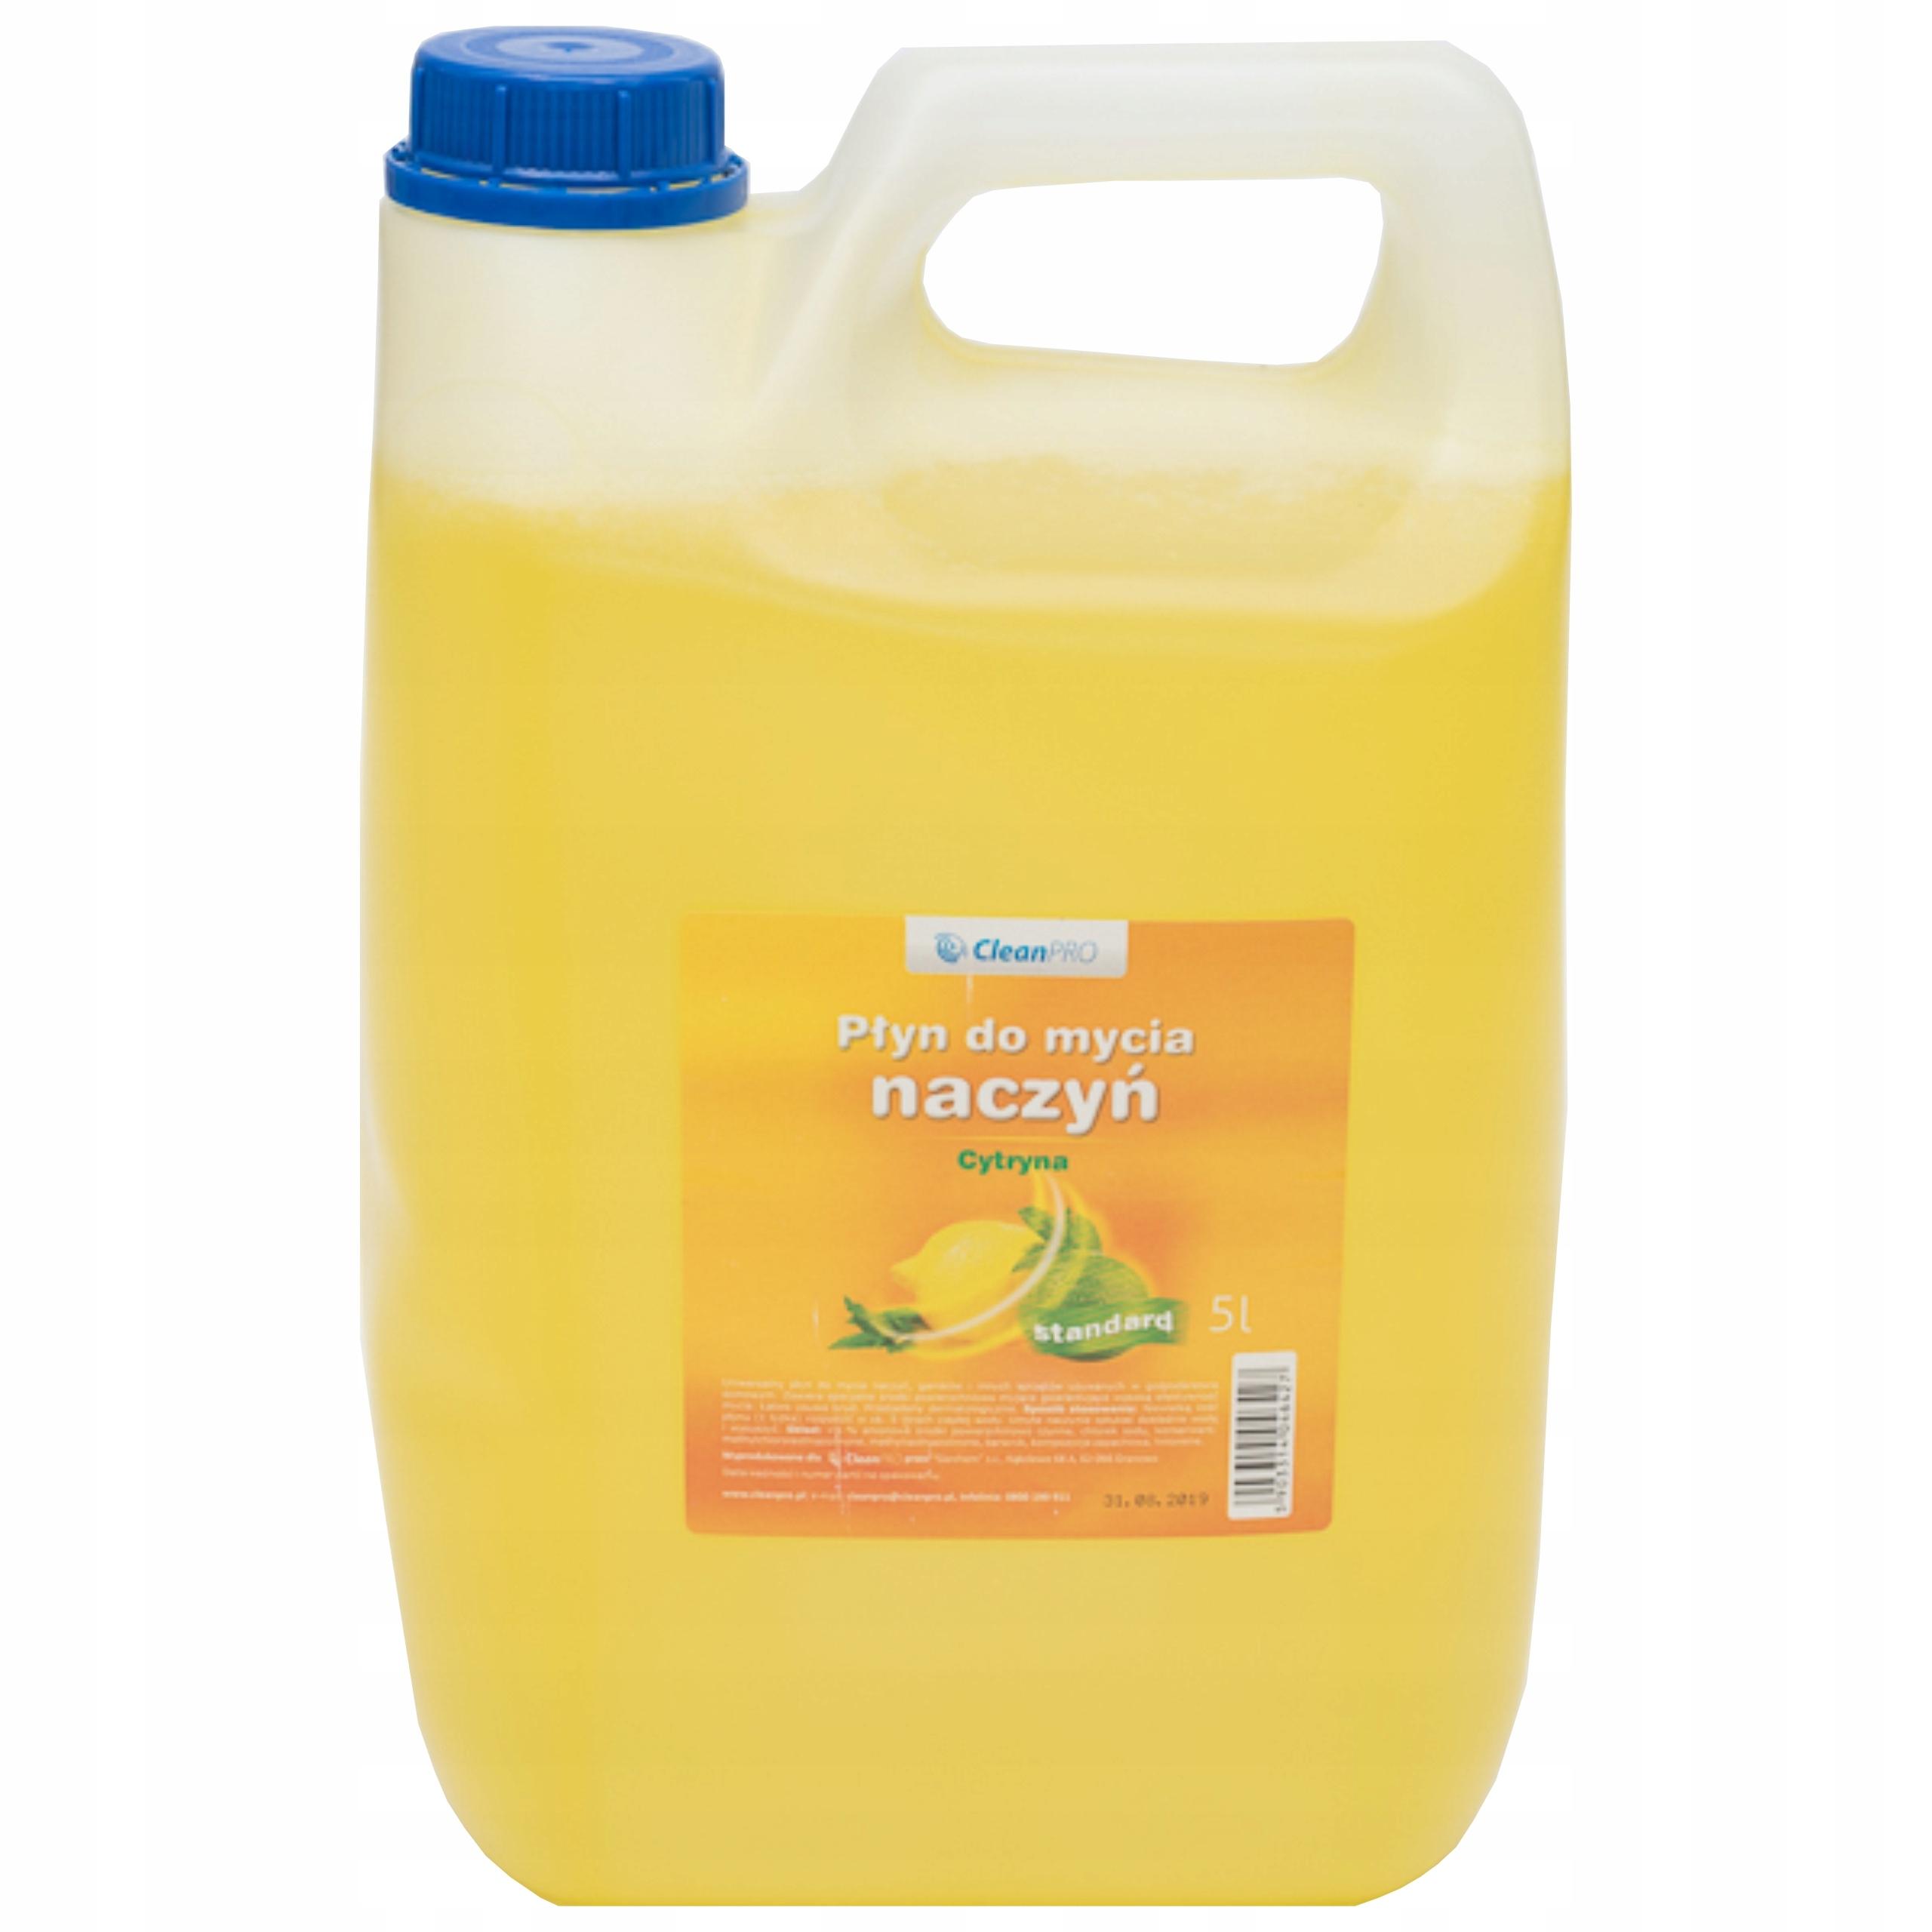 Płyn do mycia zmywania naczyń CleanPro 5l cytryna